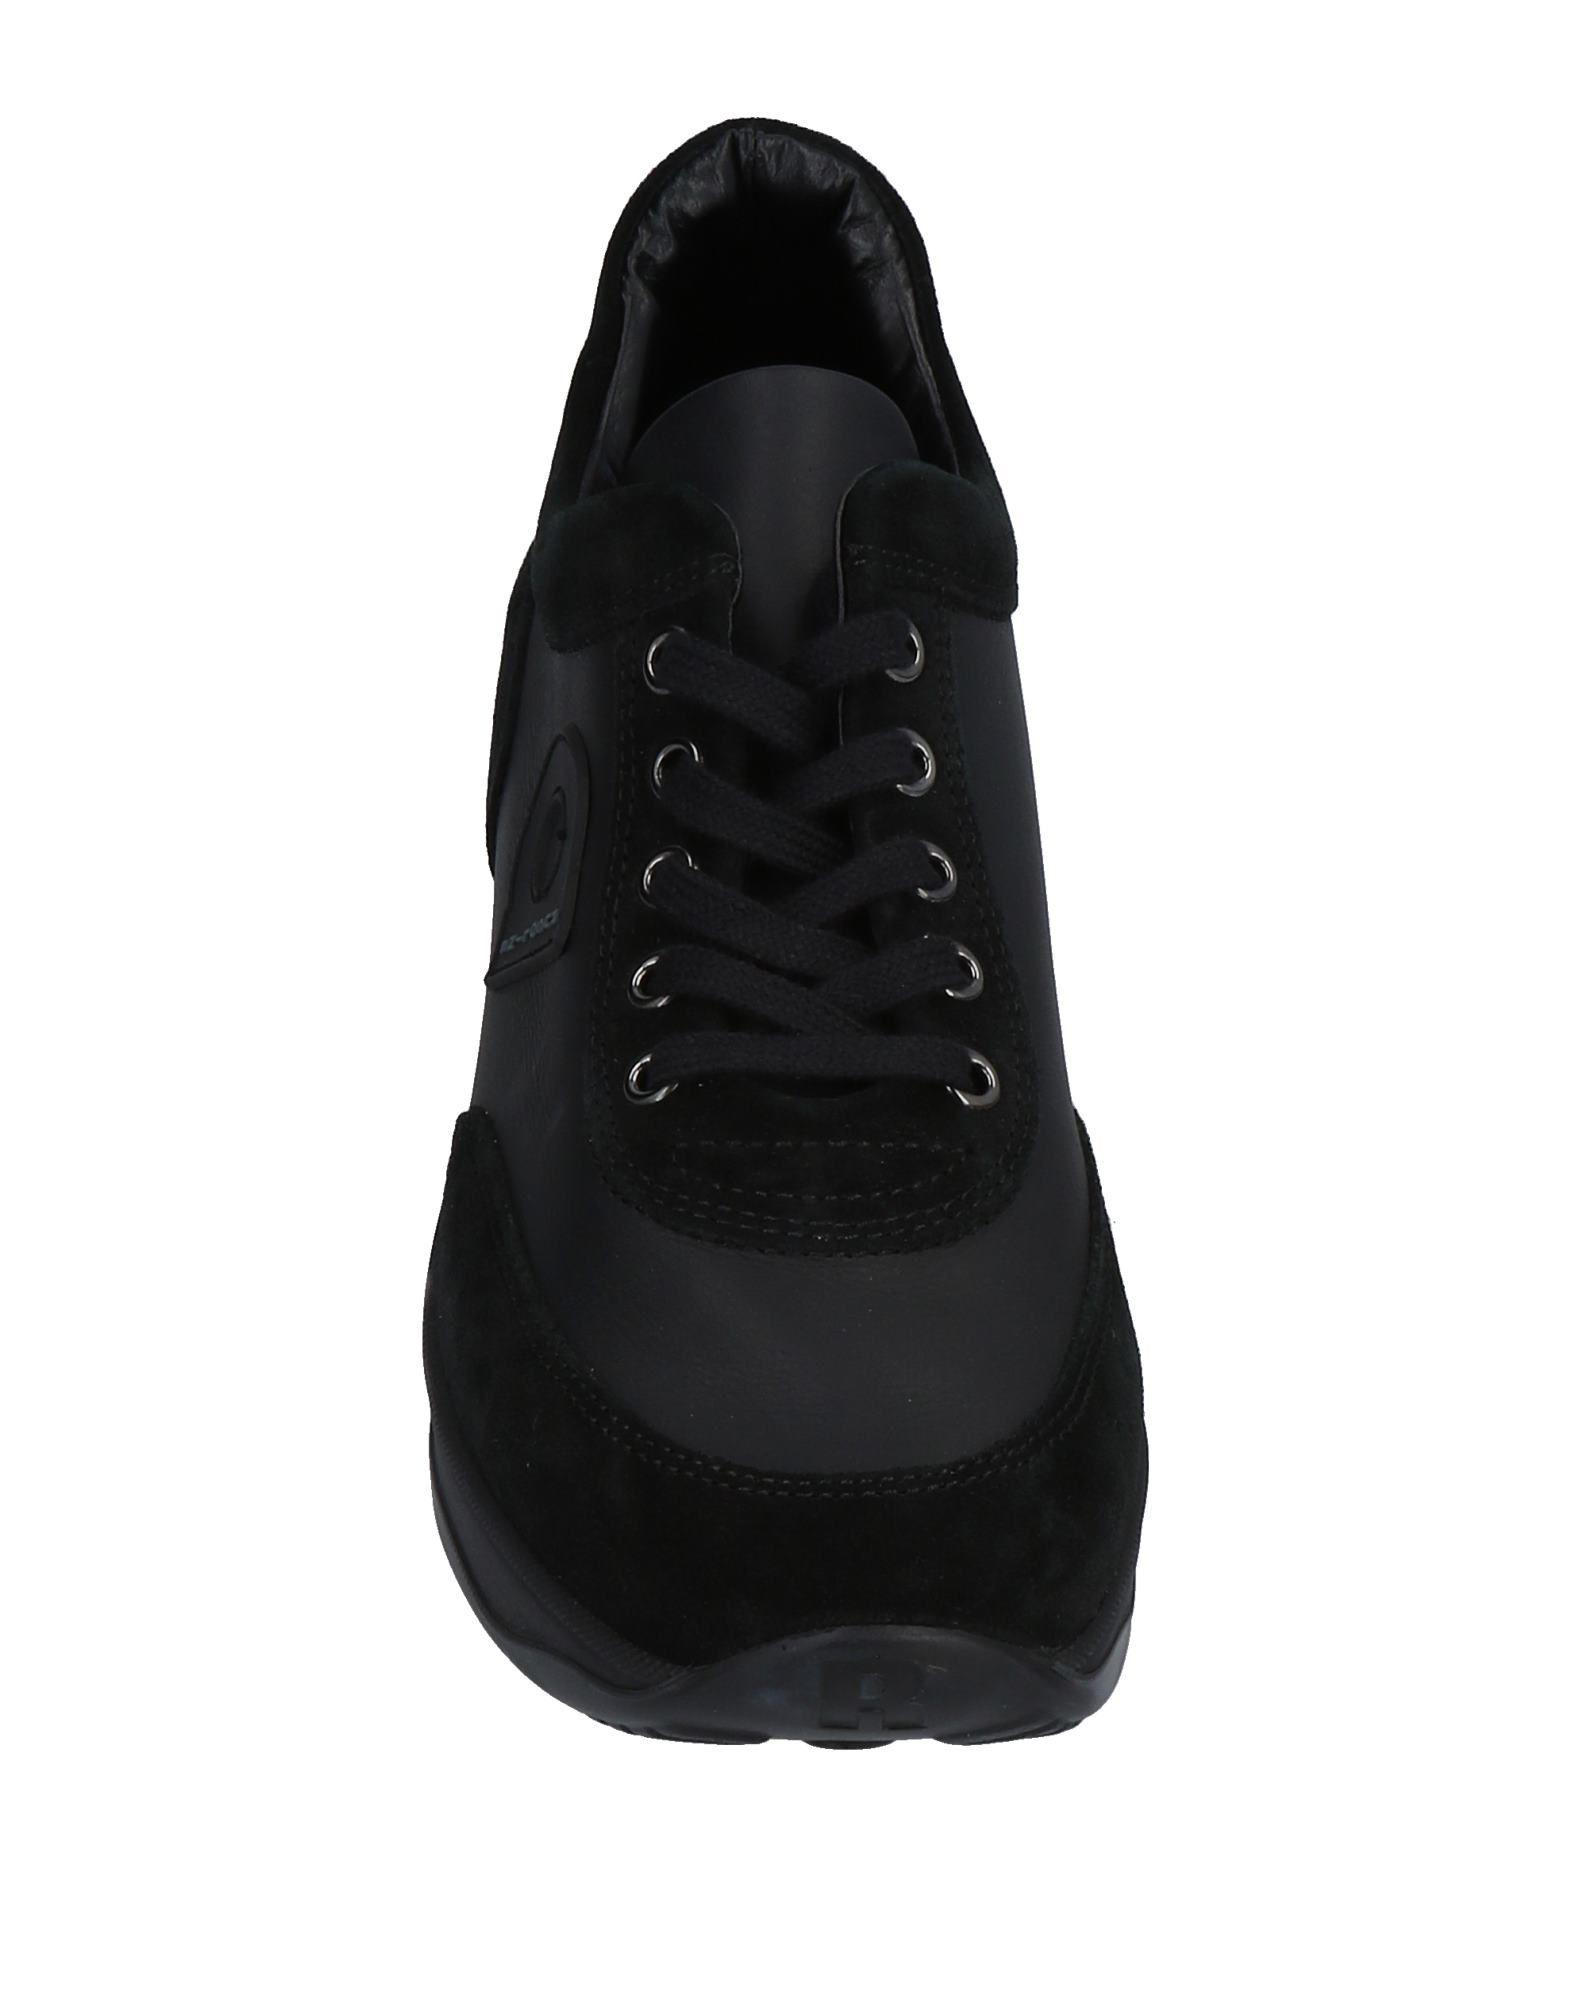 hot sale online b6d3d d0a3b ... Gris Zapatillas Agile By Rucoline Mujer - - - Zapatillas Agile By  Rucoline Los zapatos más ...